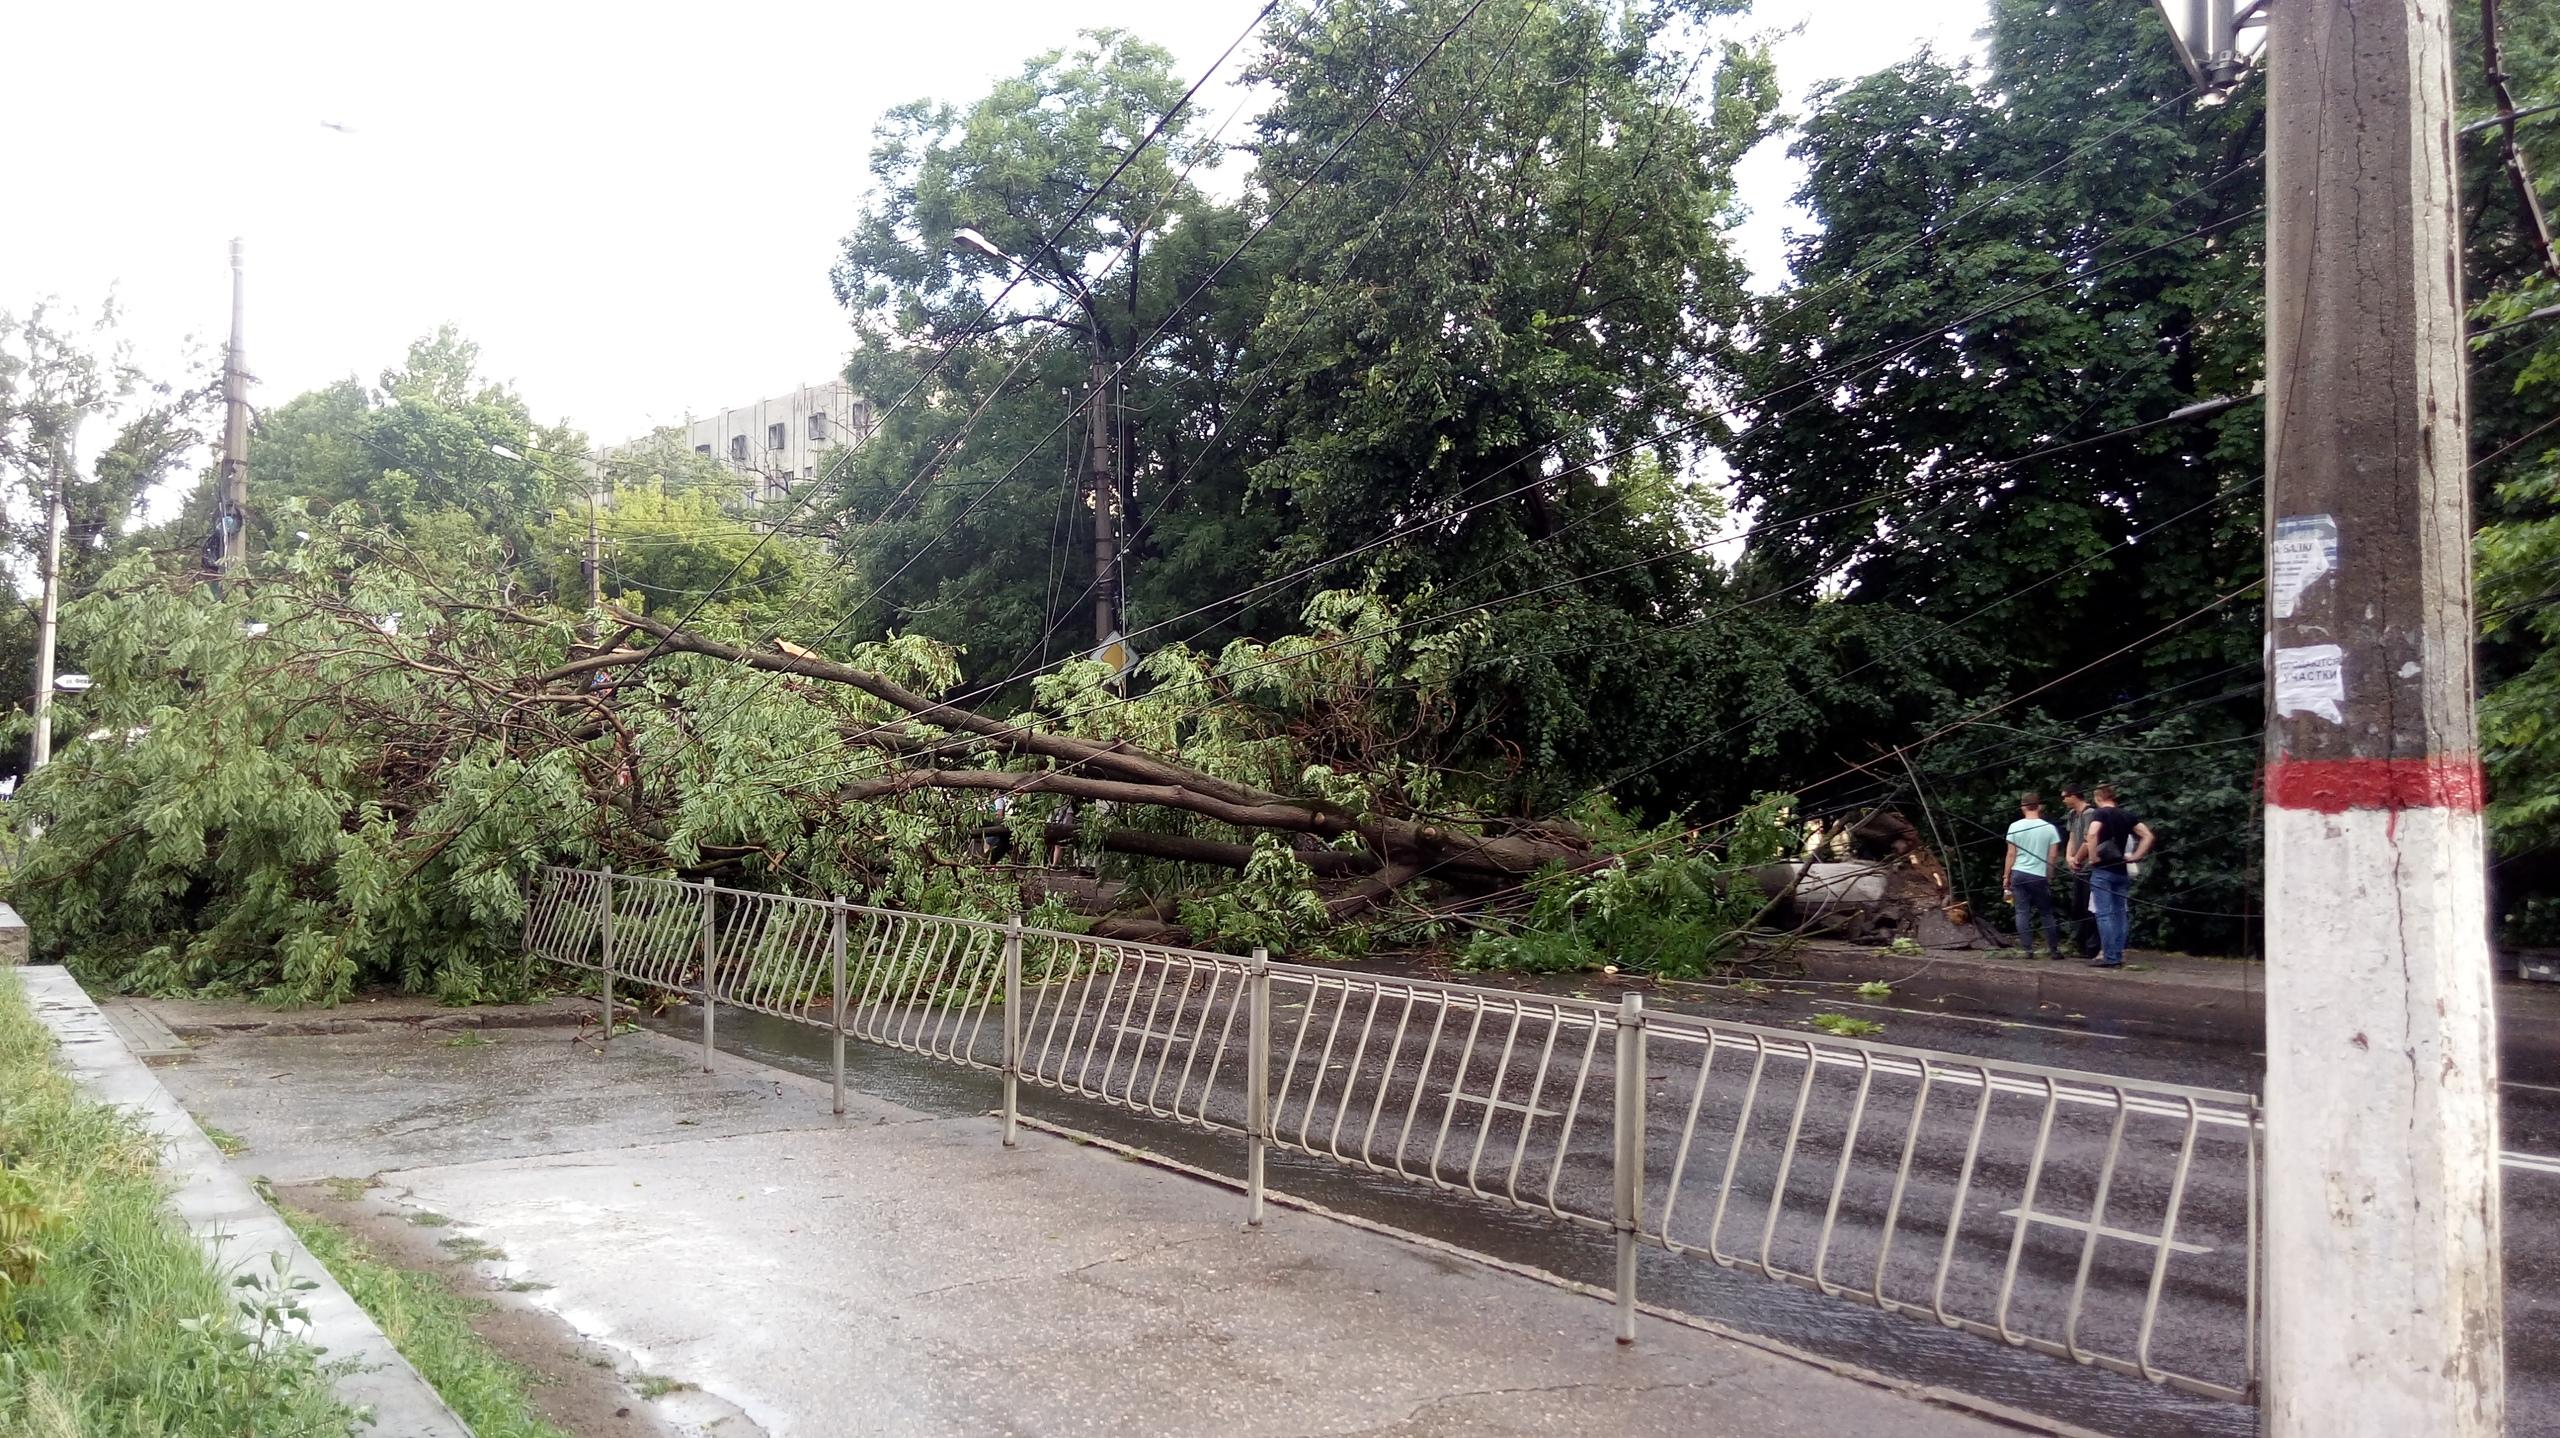 Непогода в Симферополе: деревья падают на машины и рвут линии электропередач